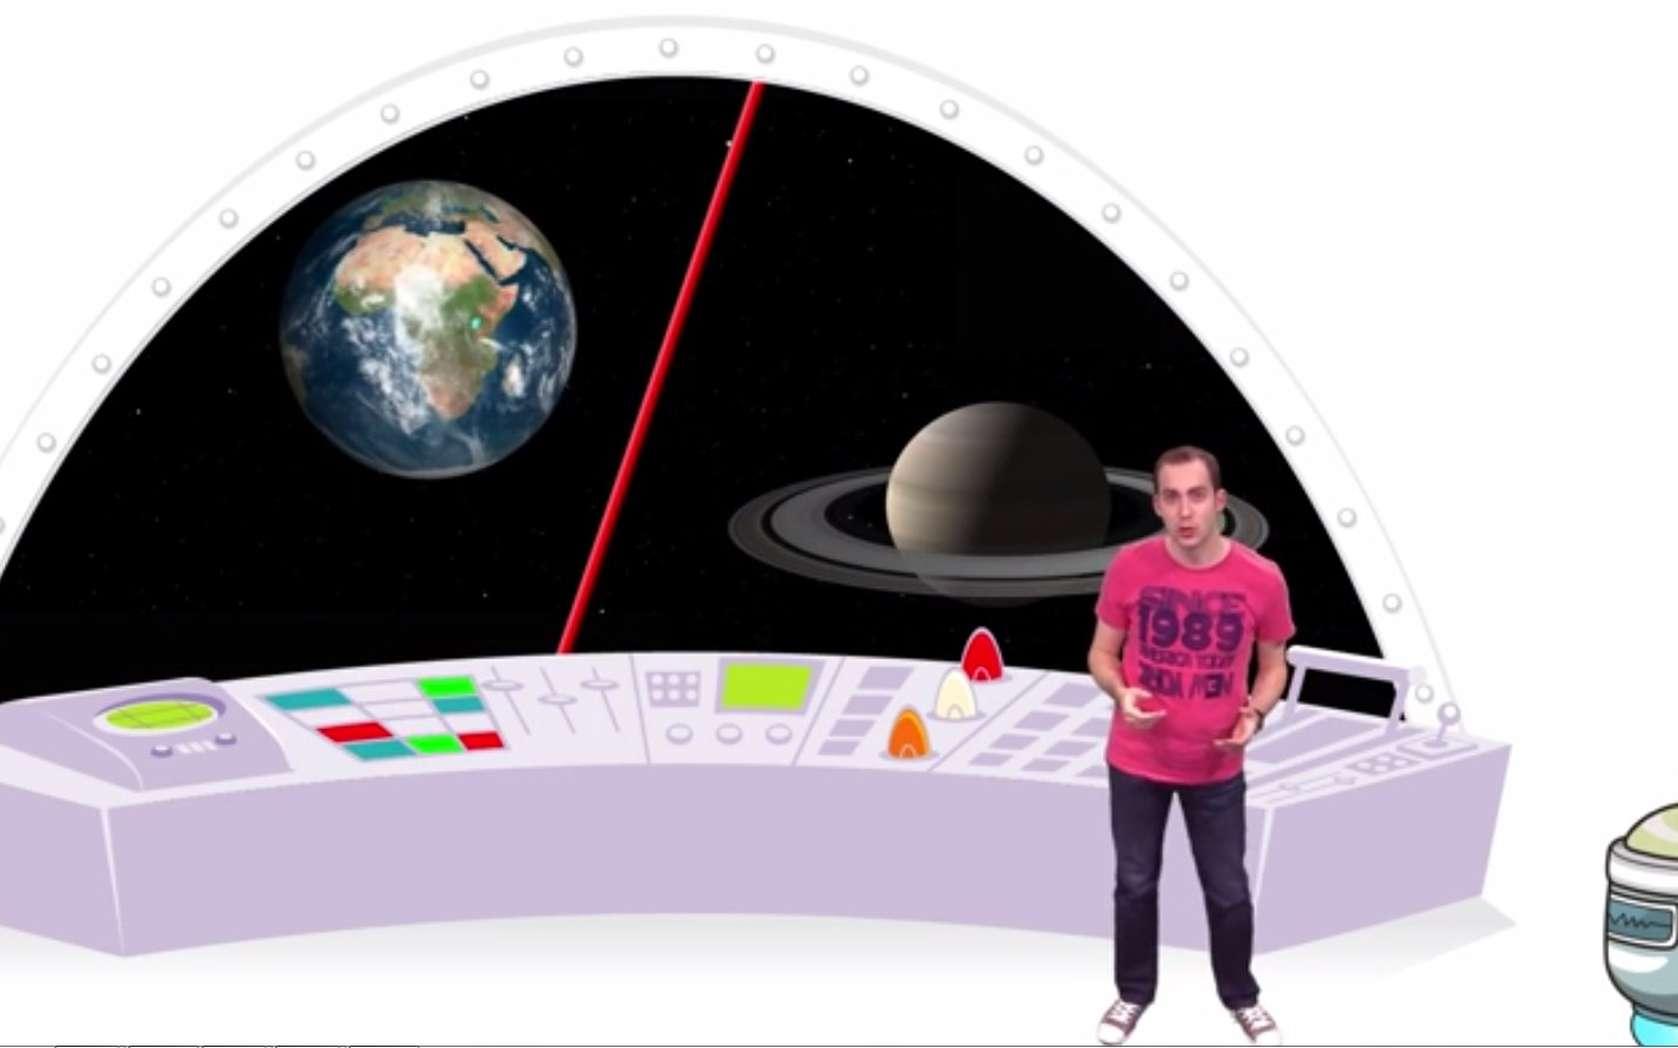 Une formation continue en ligne, ou MOOC, gratuite et accessible à tous, veut faire découvrir la science avec des exposés et des vidéos simples et clairs. © Unisciel